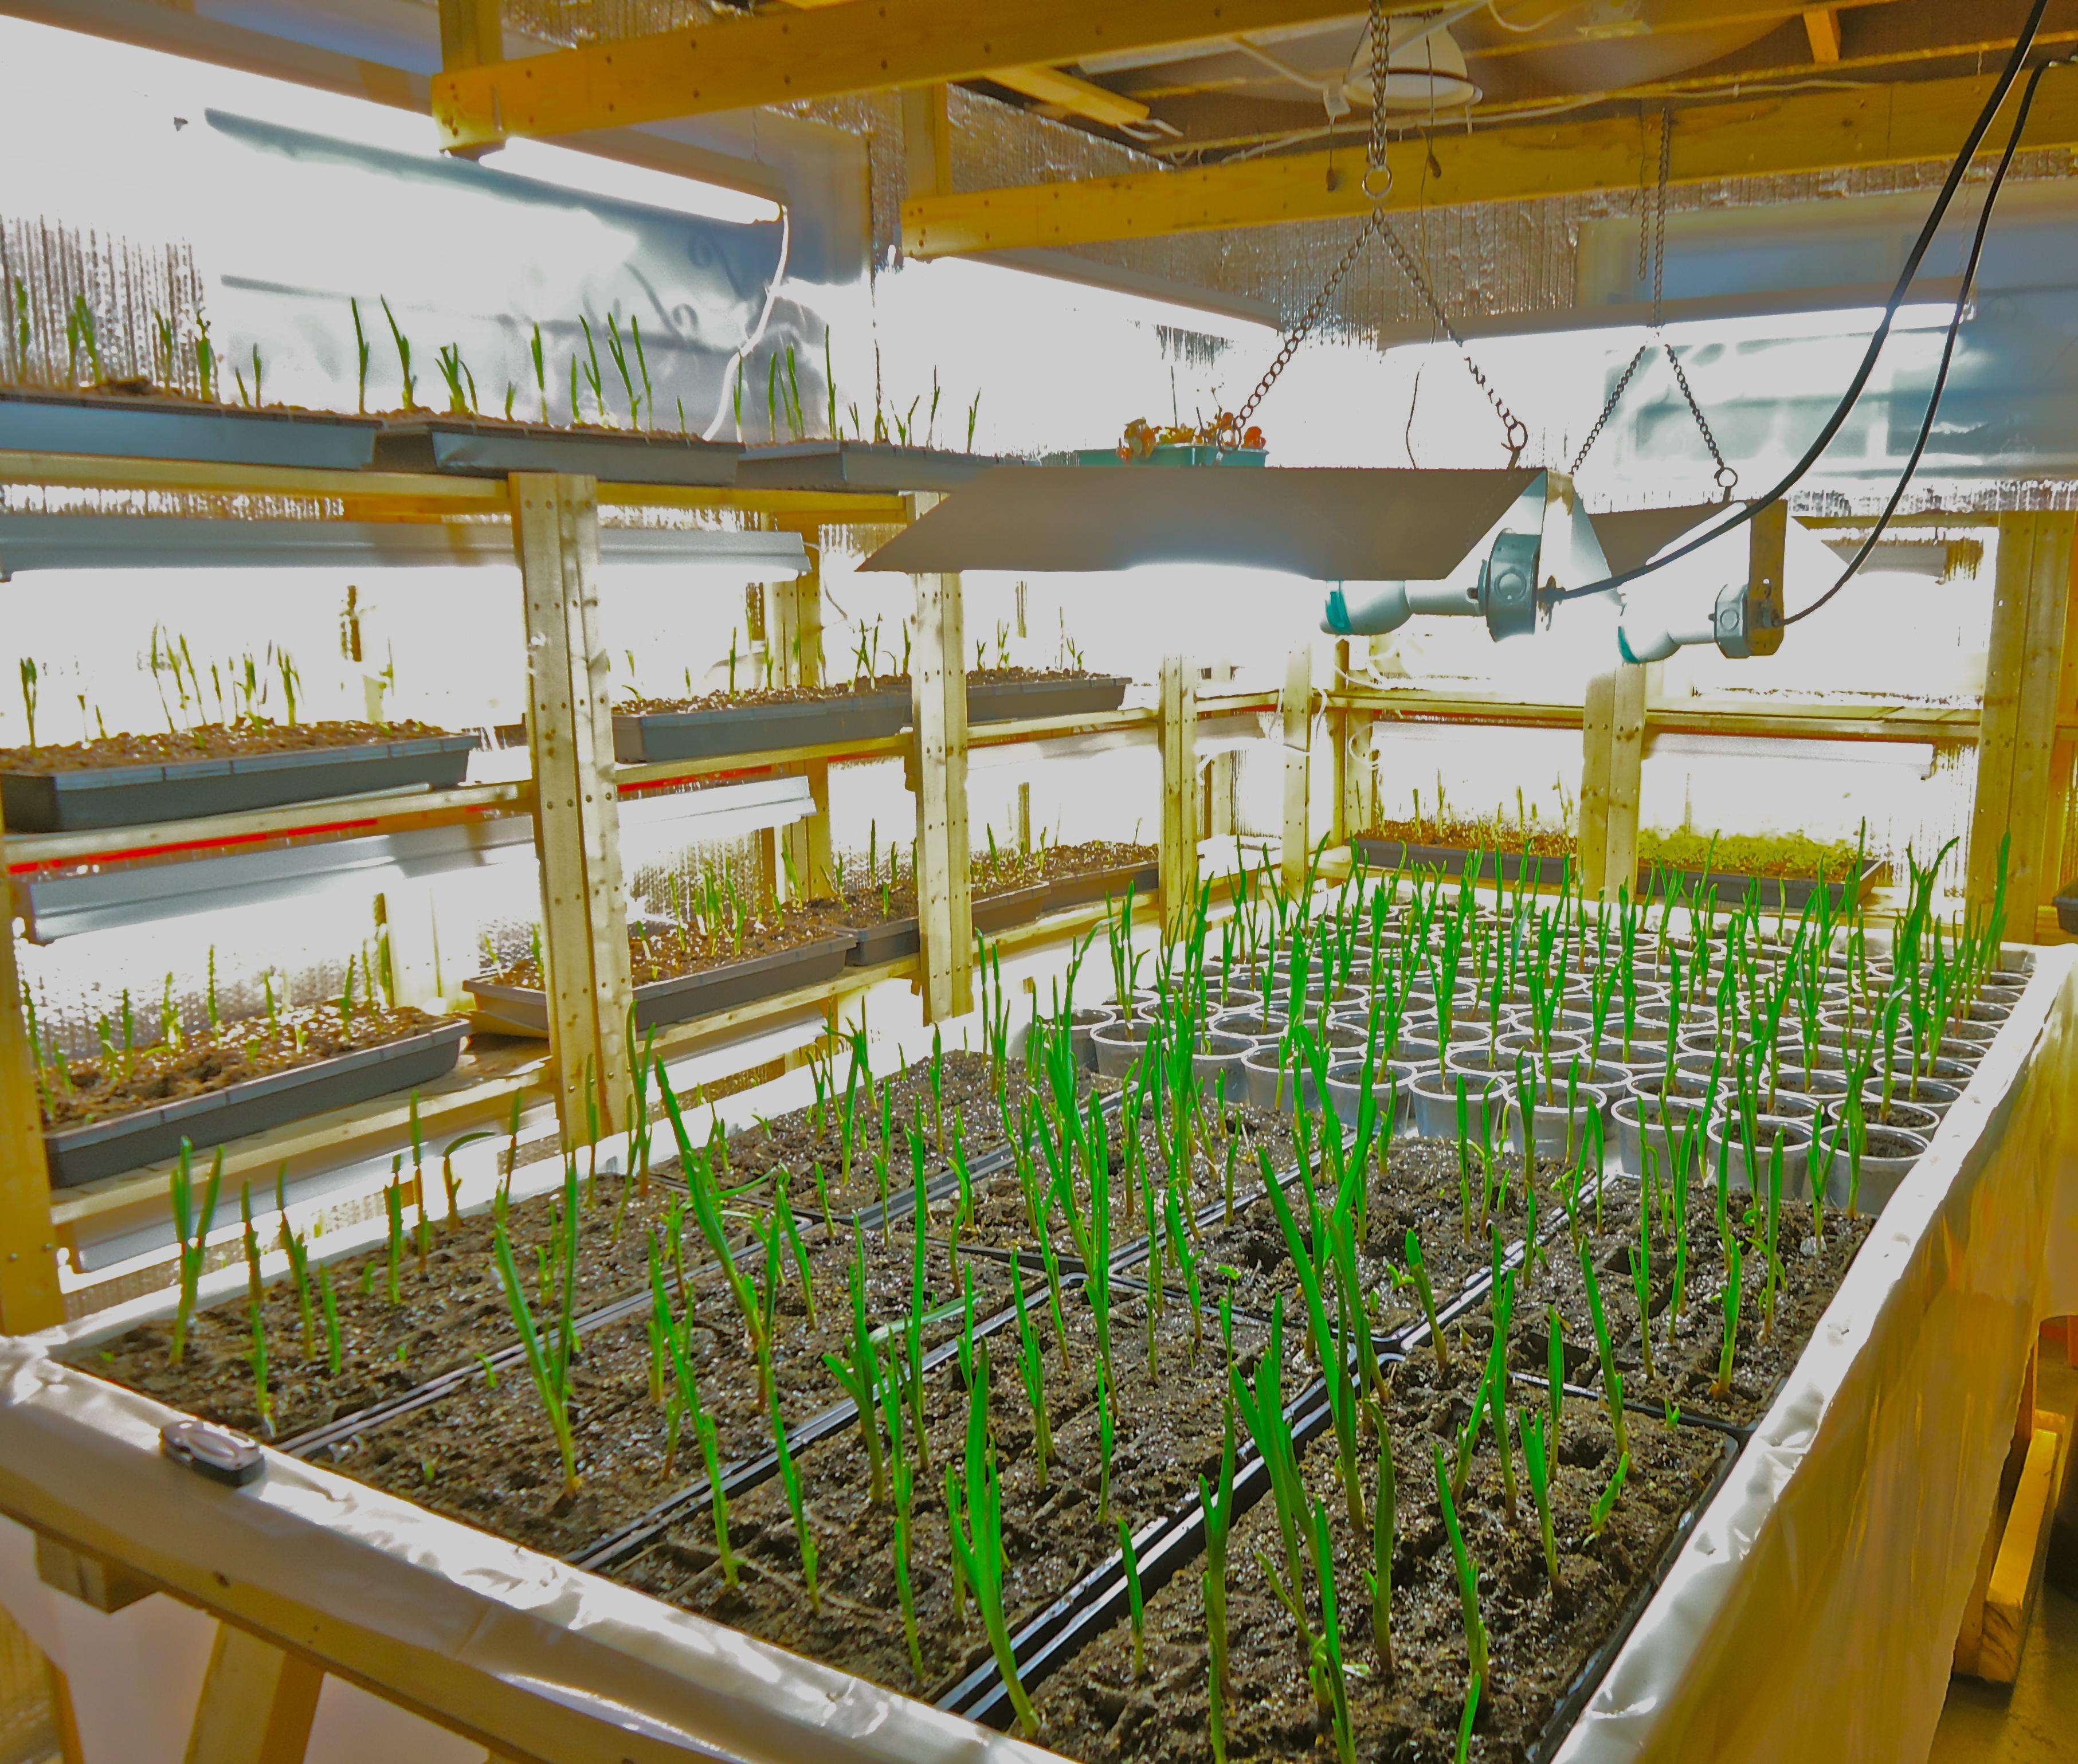 com remodel decosee room fantastic basement grow game